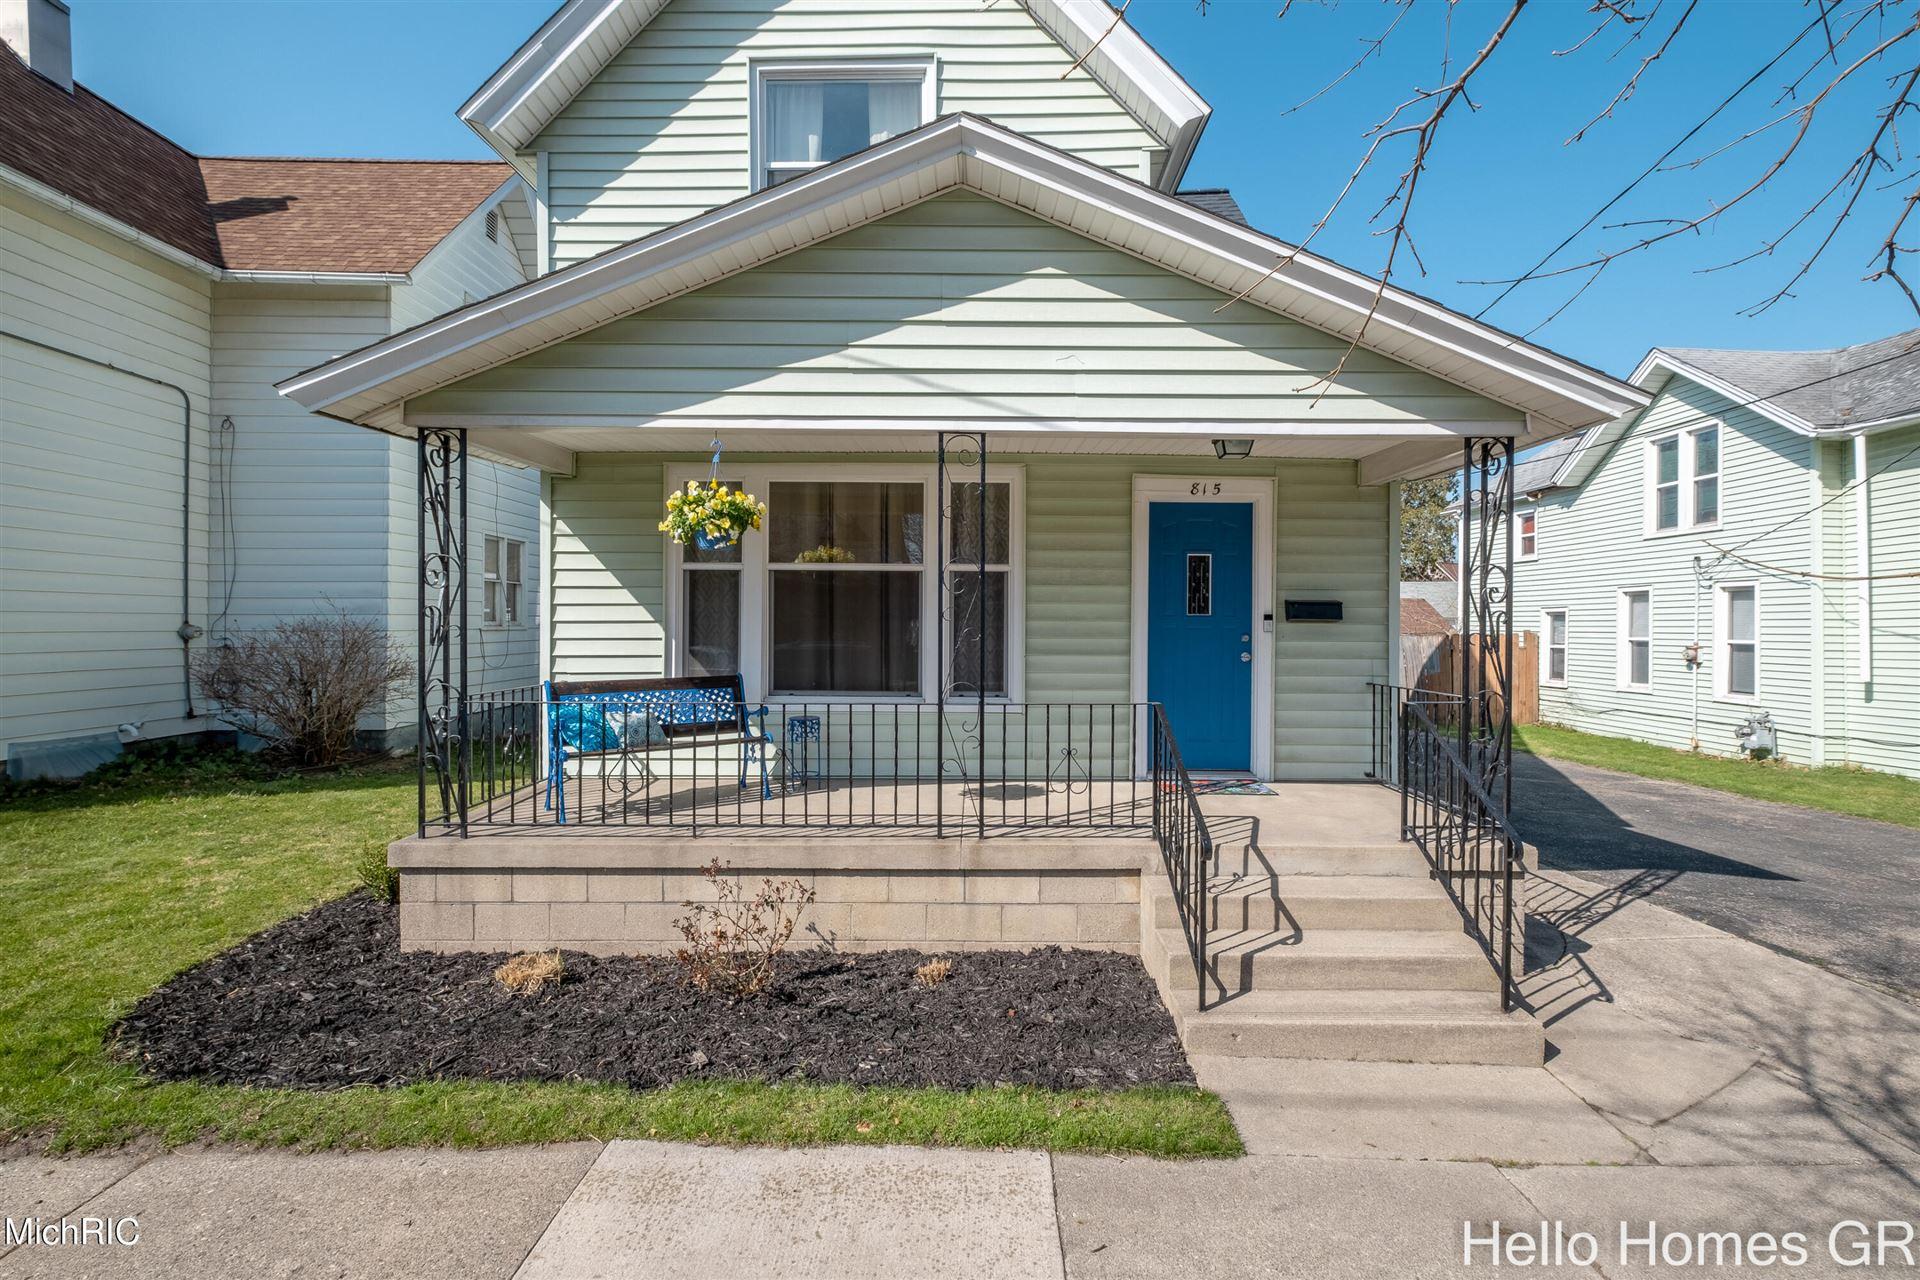 815 7th Street NW, Grand Rapids, MI 49504 - MLS#: 21011156